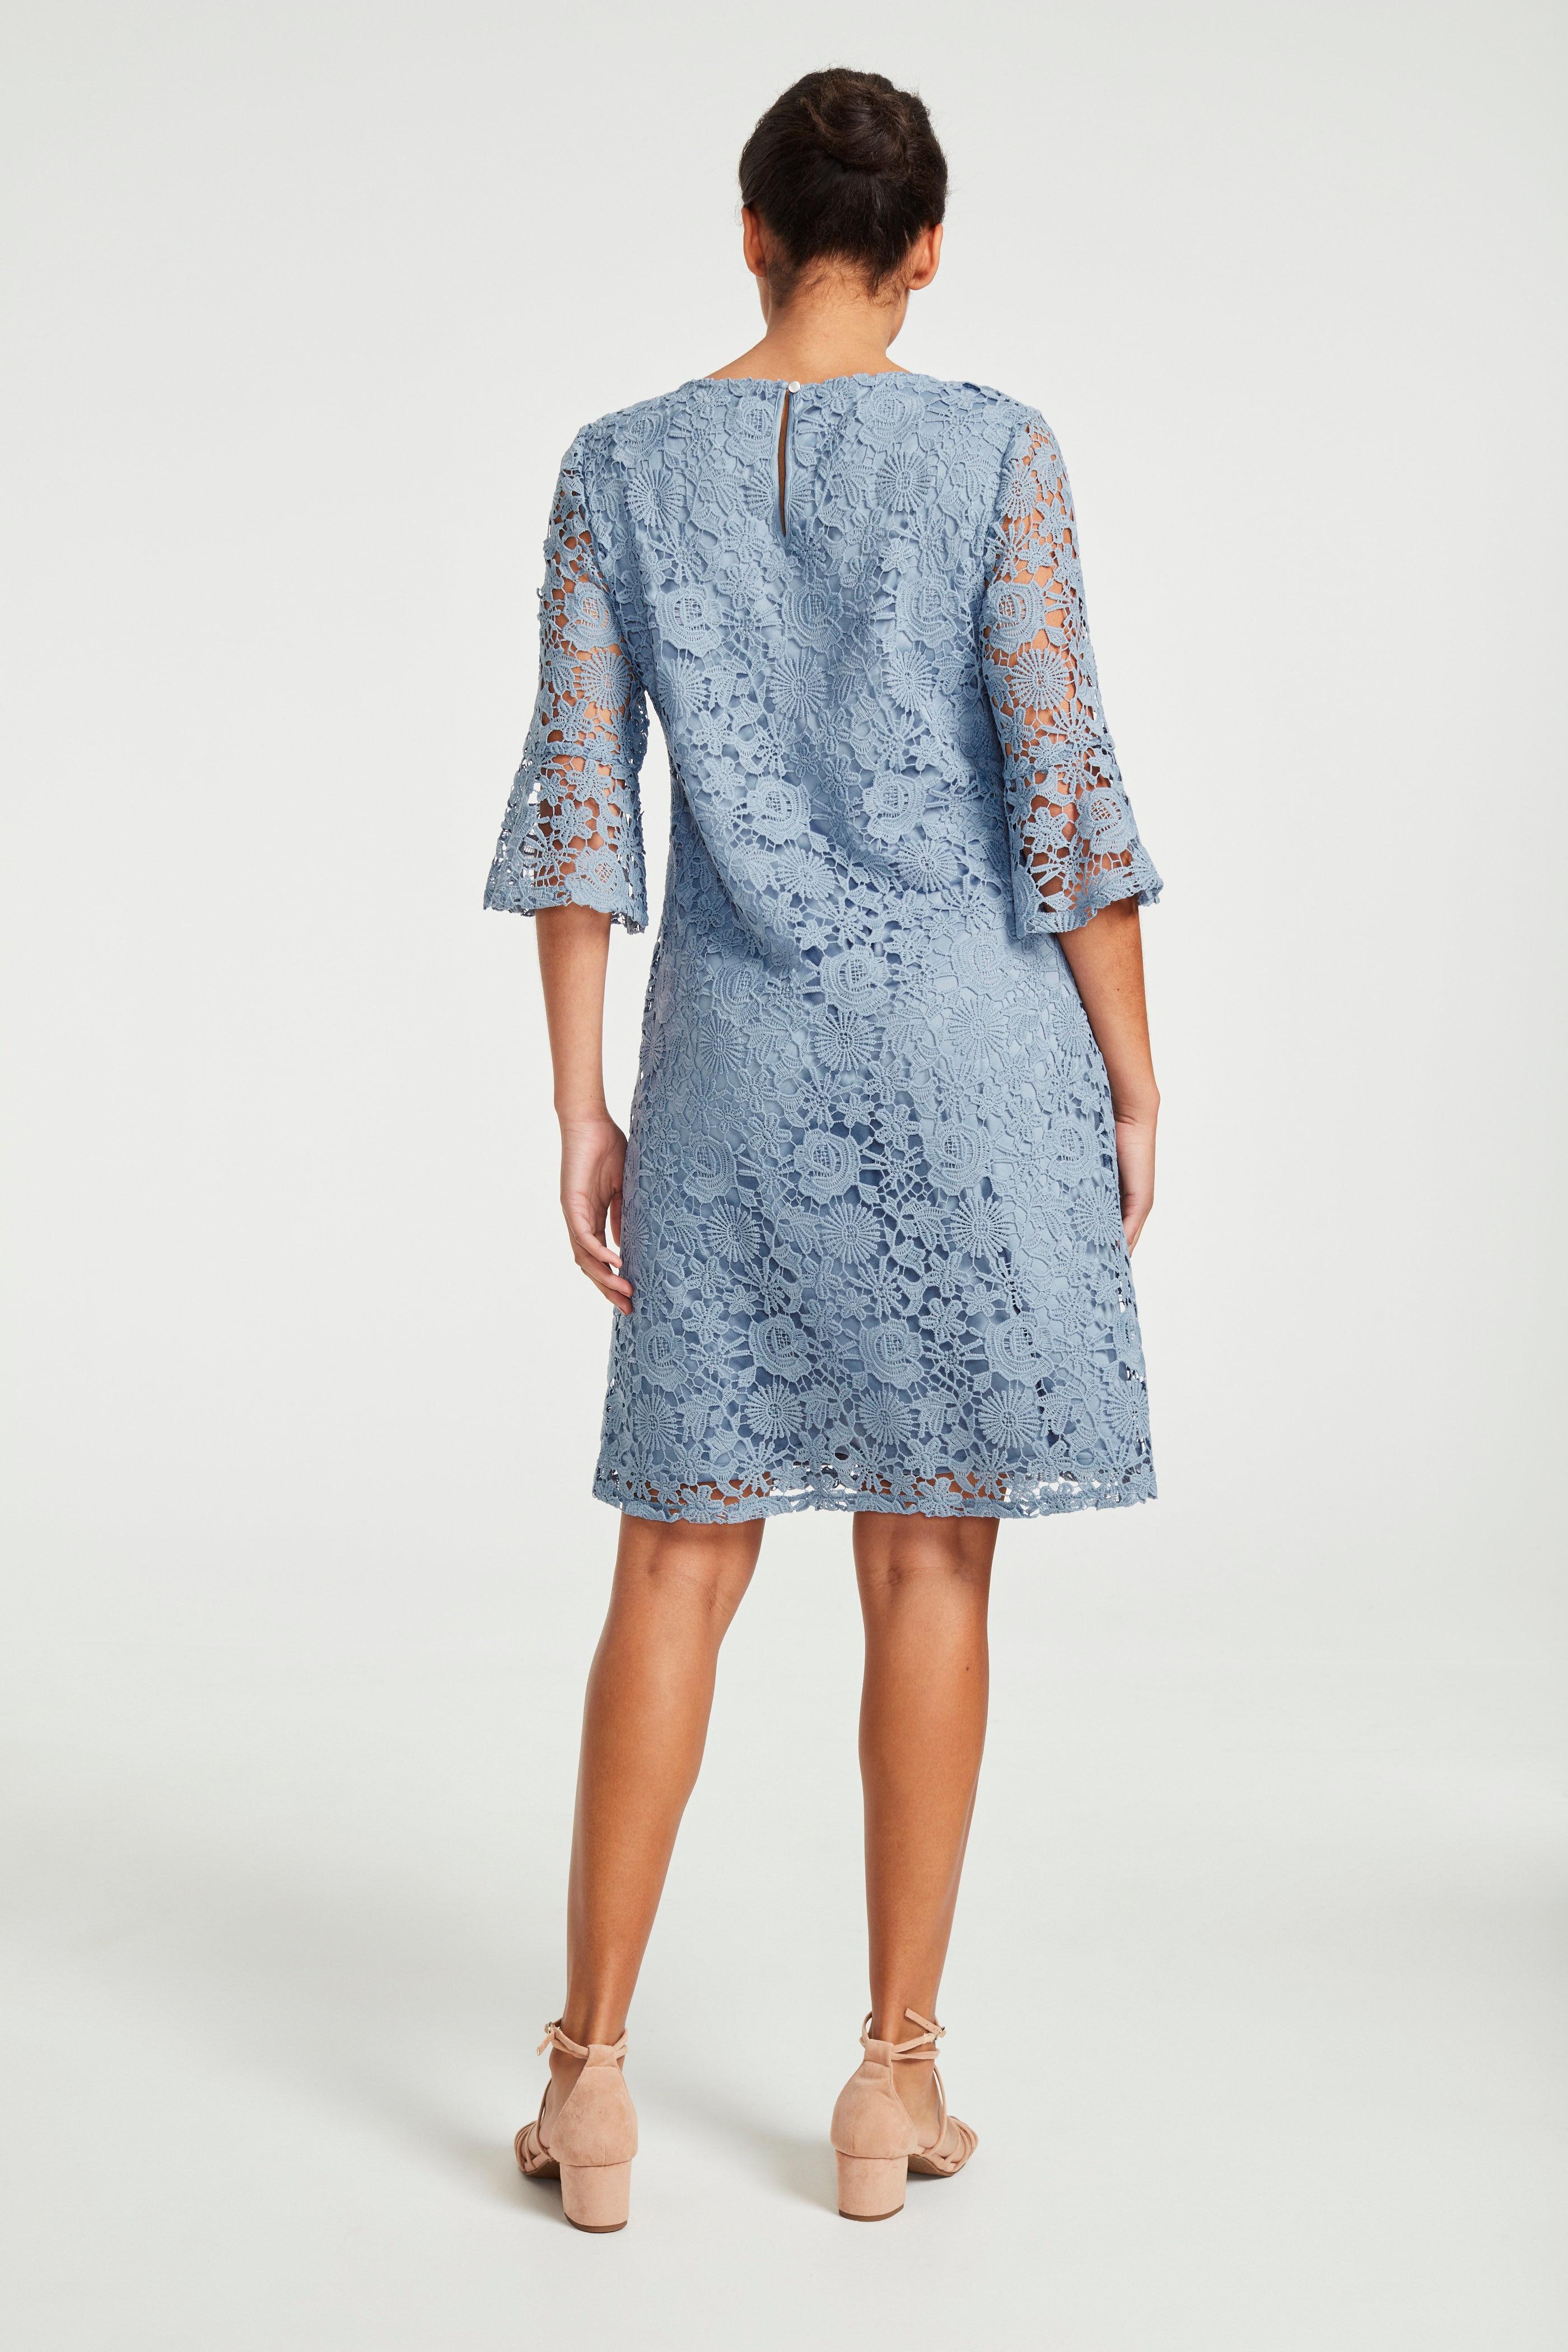 Błękitna sukienka koronkowa